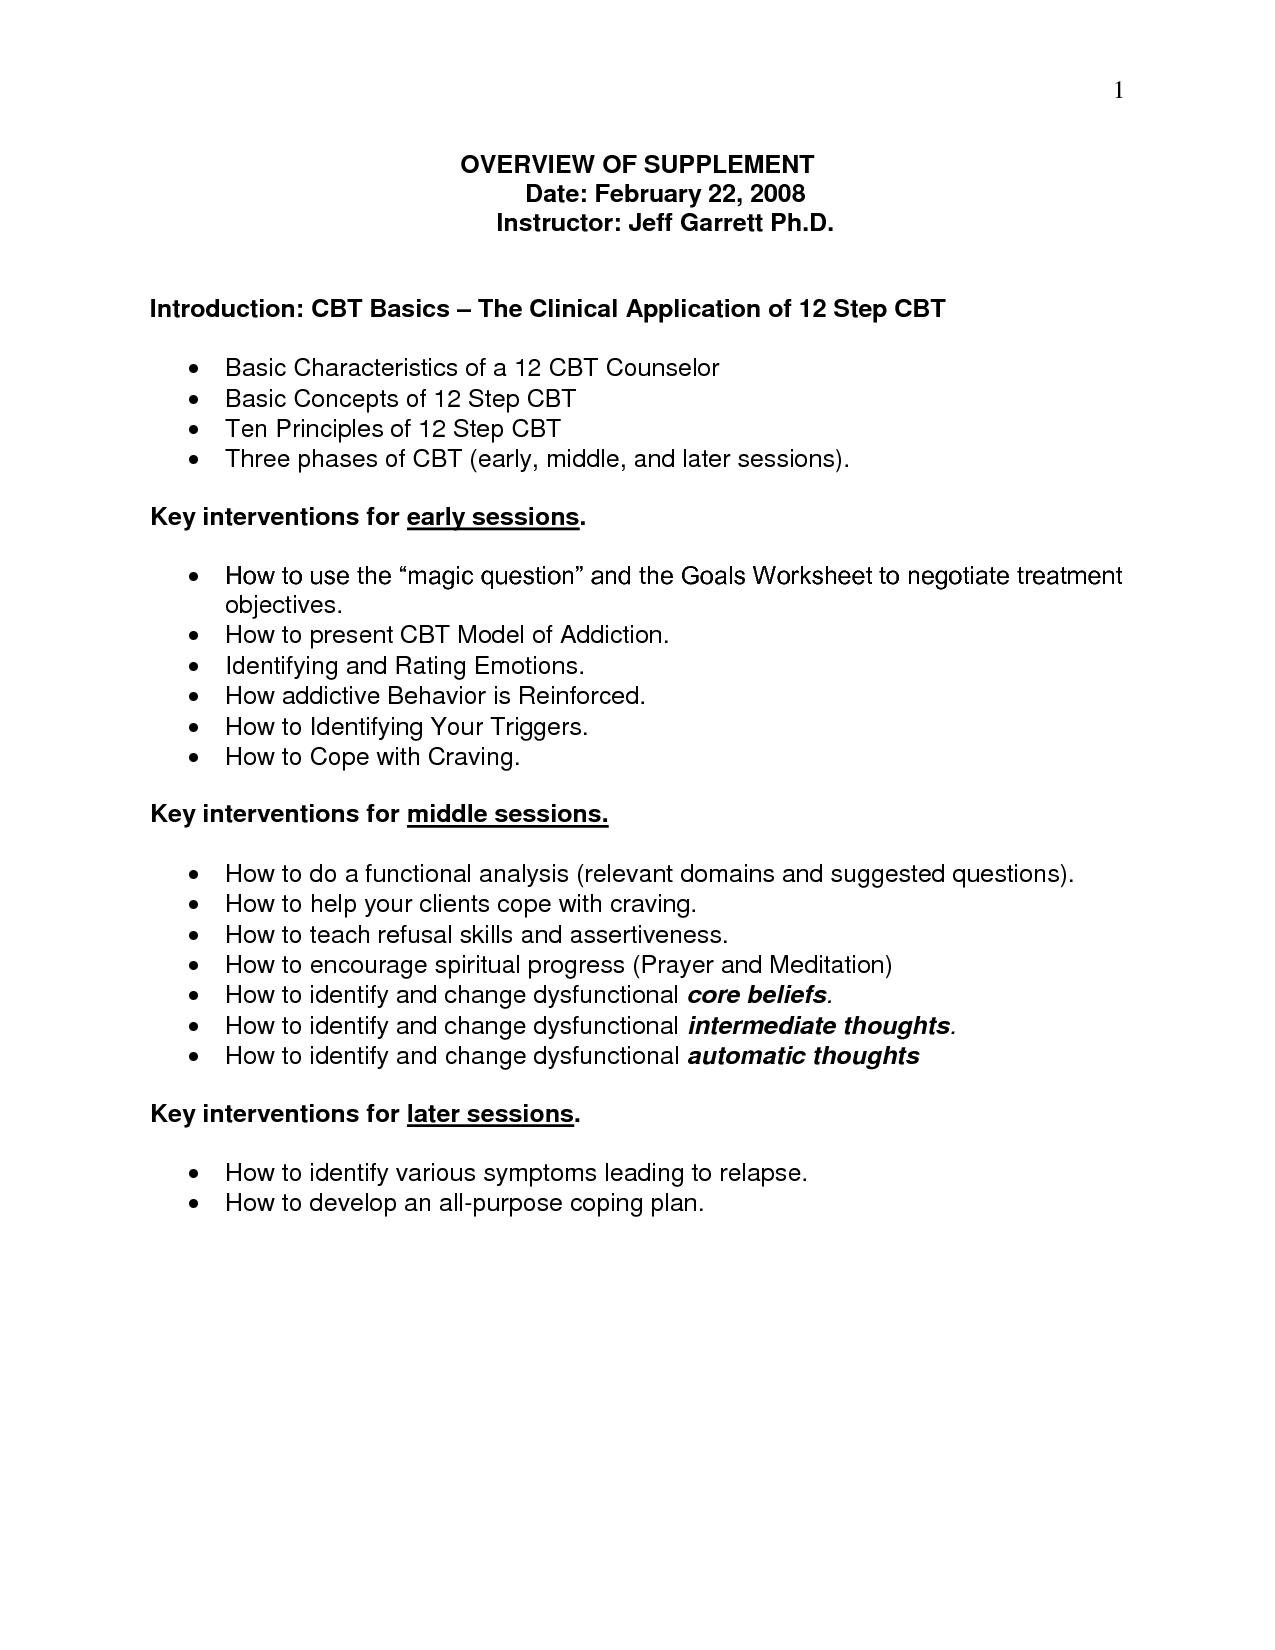 Addiction Relapse Prevention Worksheet